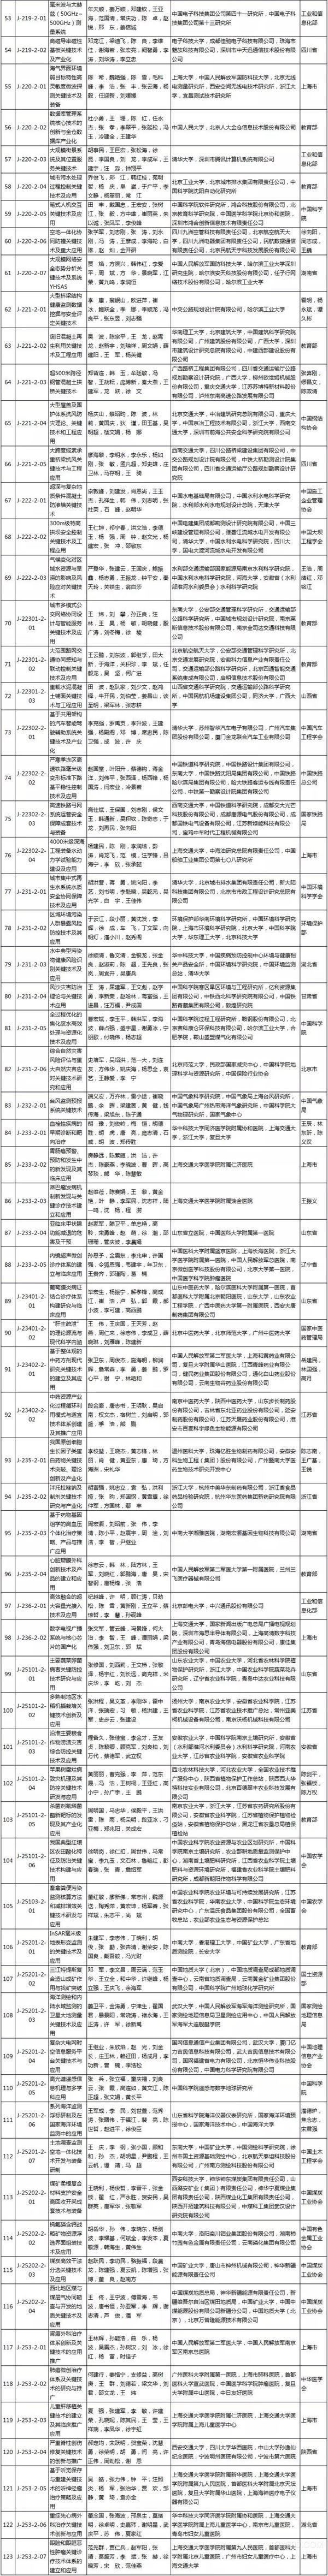 國家最高科學技術獎,劉永坦院士,錢七虎院士